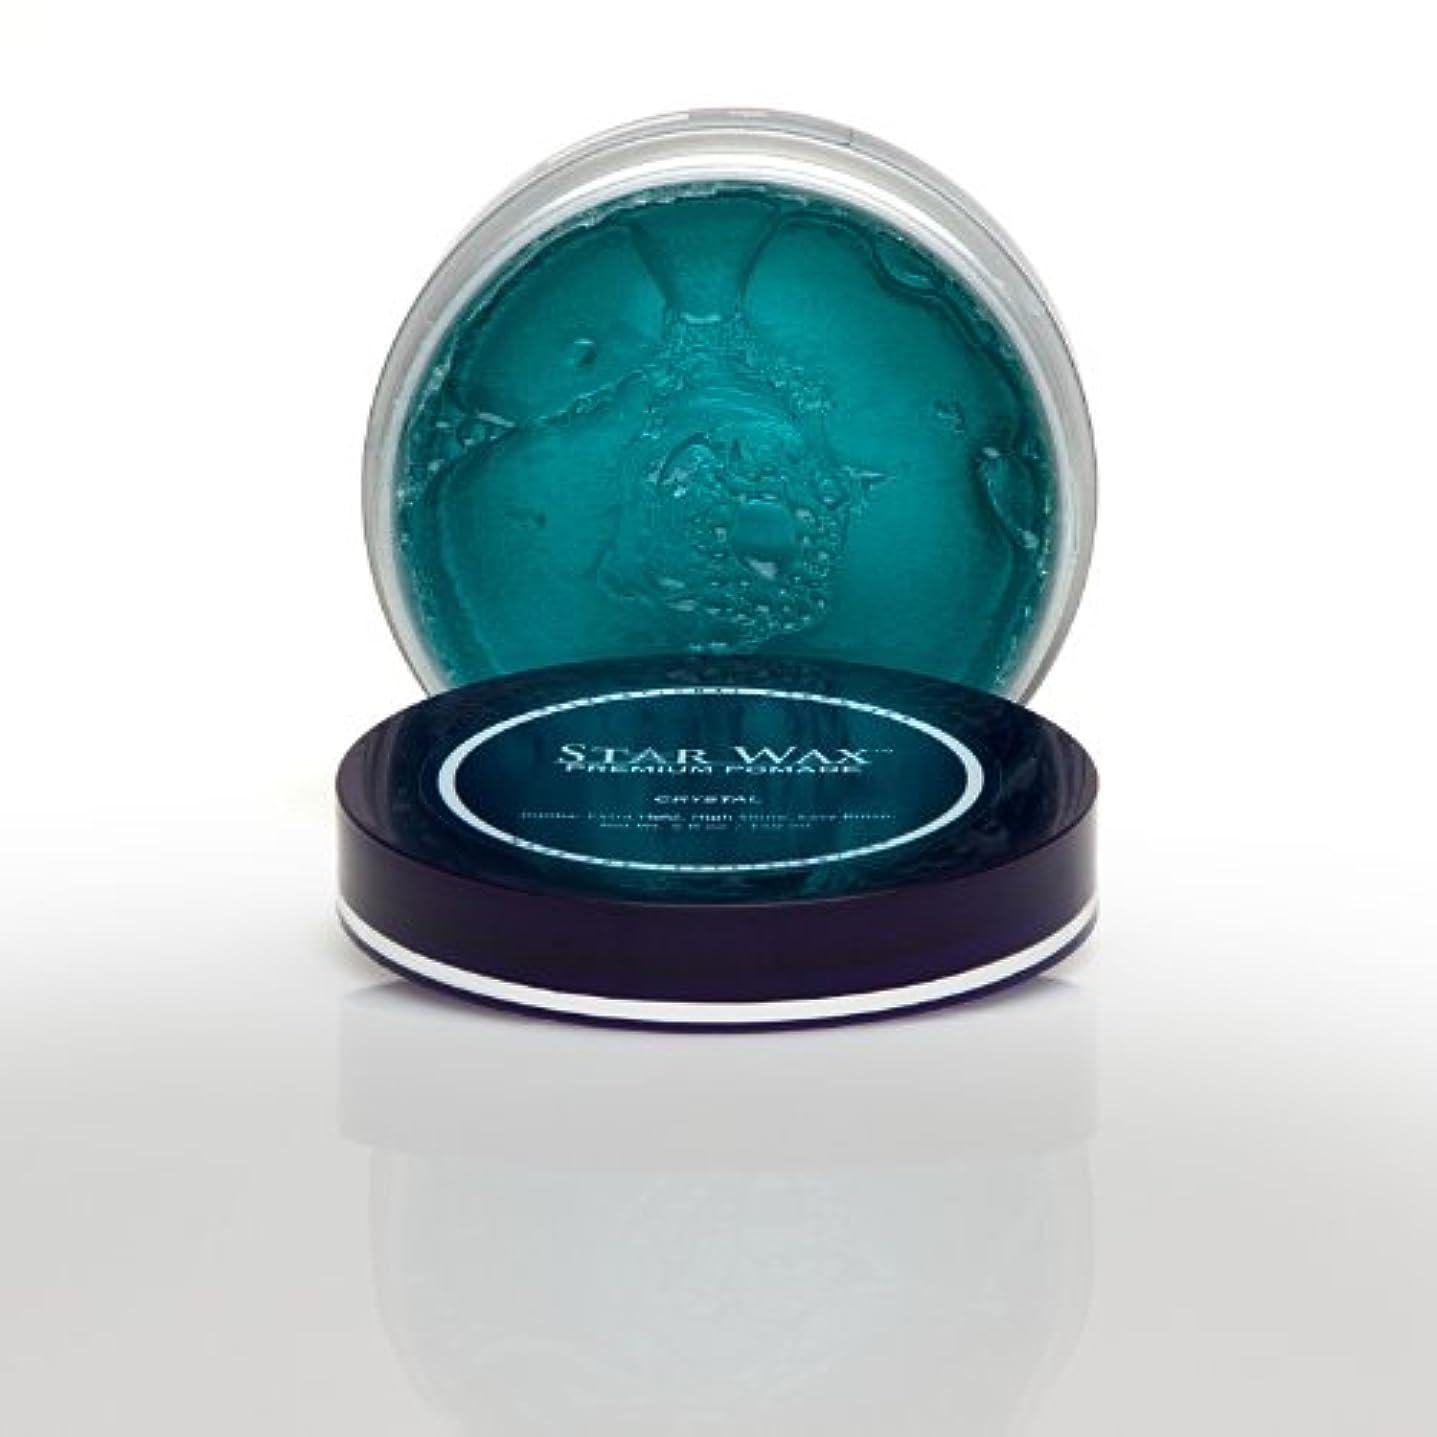 物足りない呼吸ふさわしいStar Wax | Premium Pomade, Crystal(スターワックスプレミアム ポマード「クリスタル」)?Star Pro Line(スタープロライン)製?5(液量)オンス/150ml